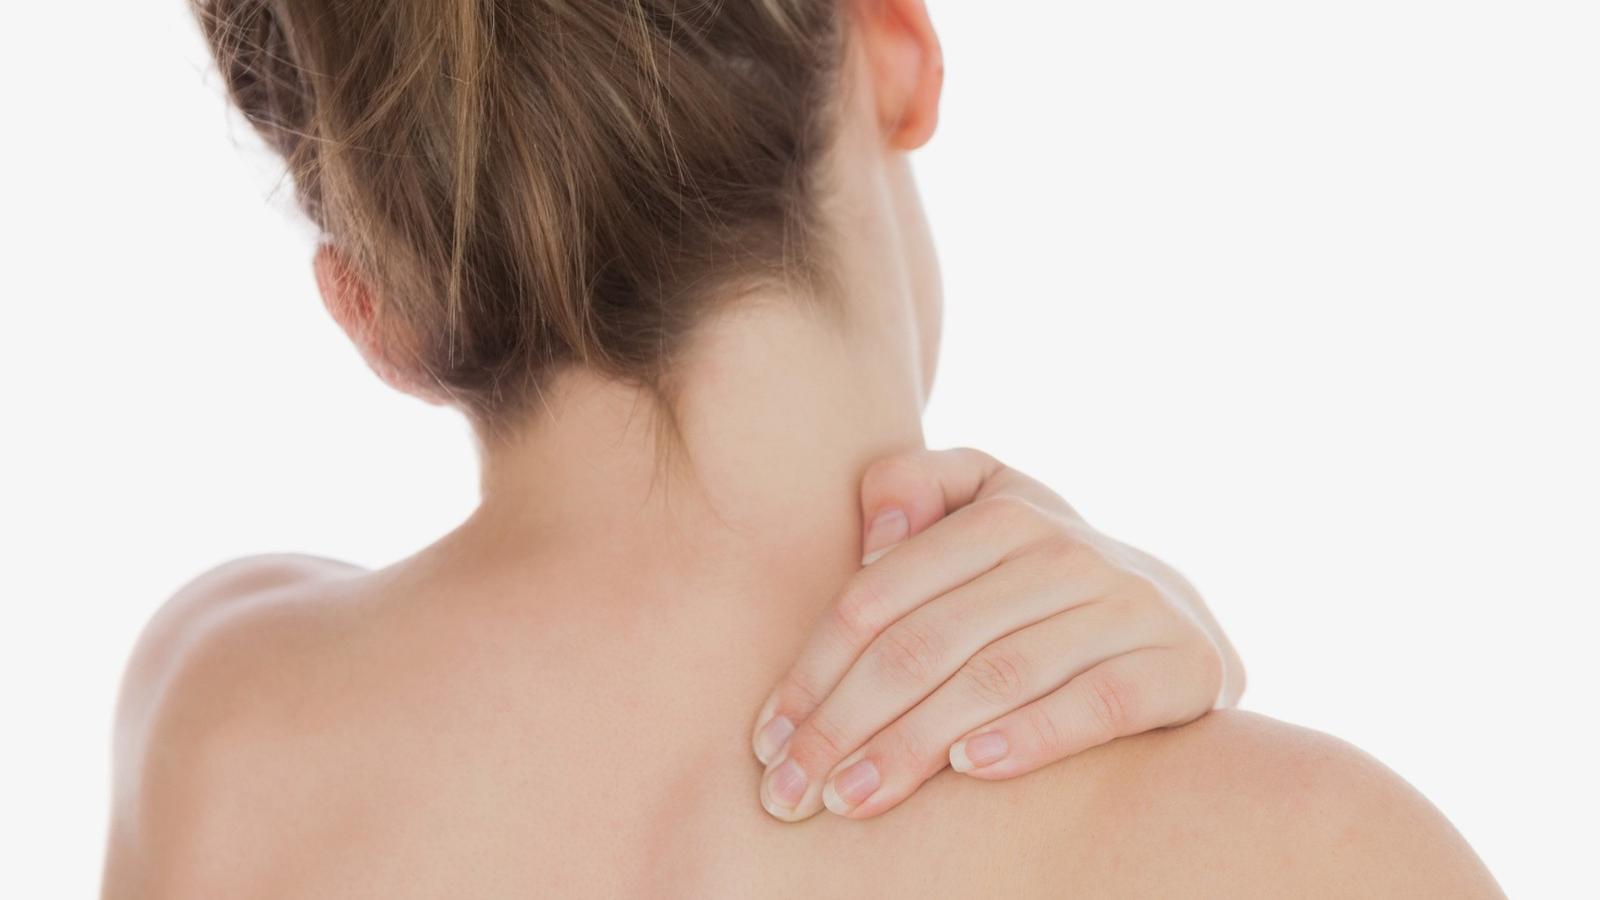 hogyan kezeljük a vállízületet a fájdalom miatt